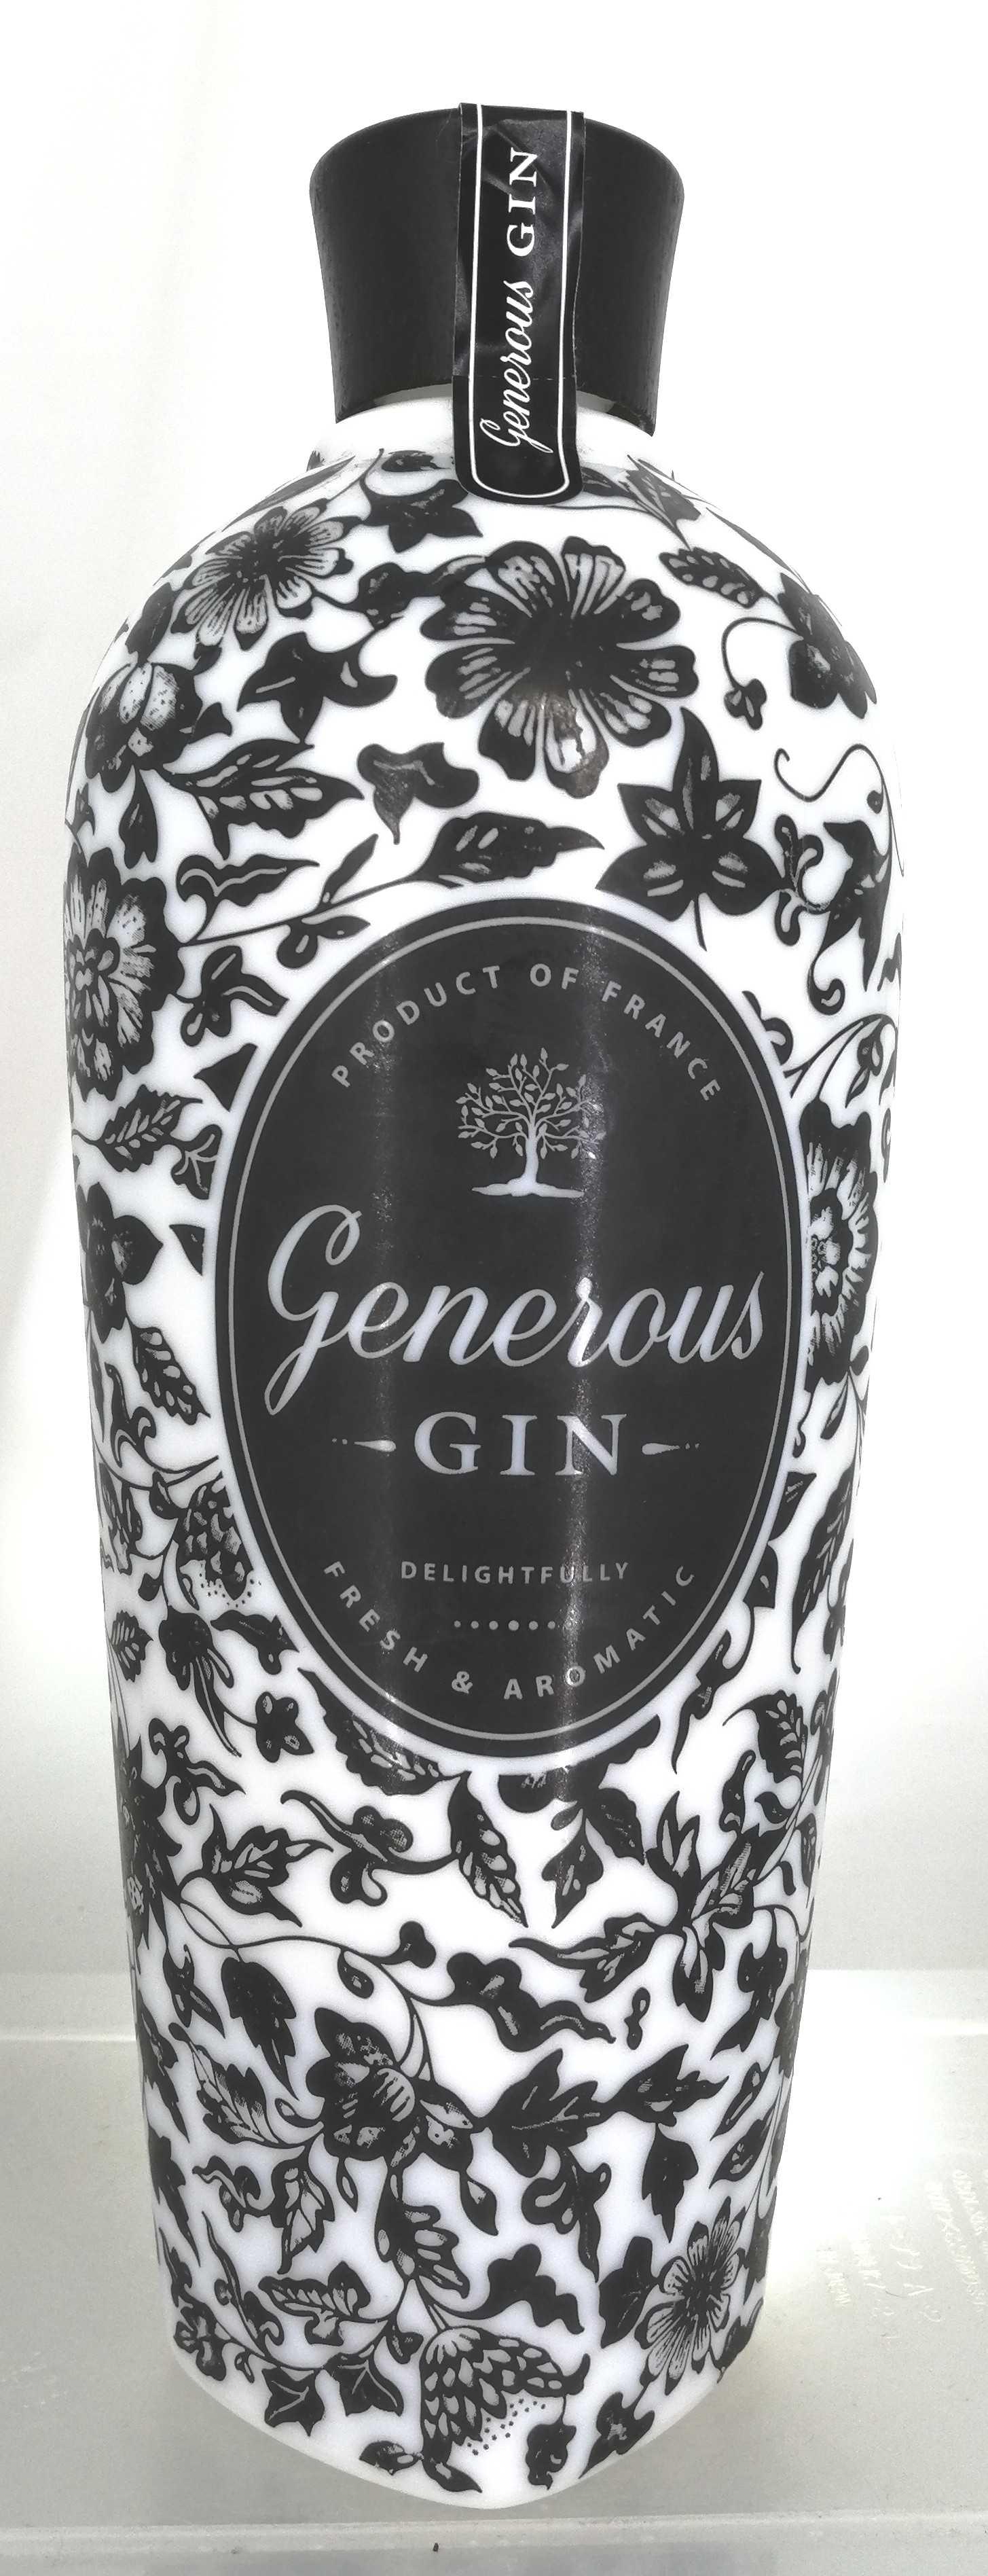 ジェネラス ジン|generous